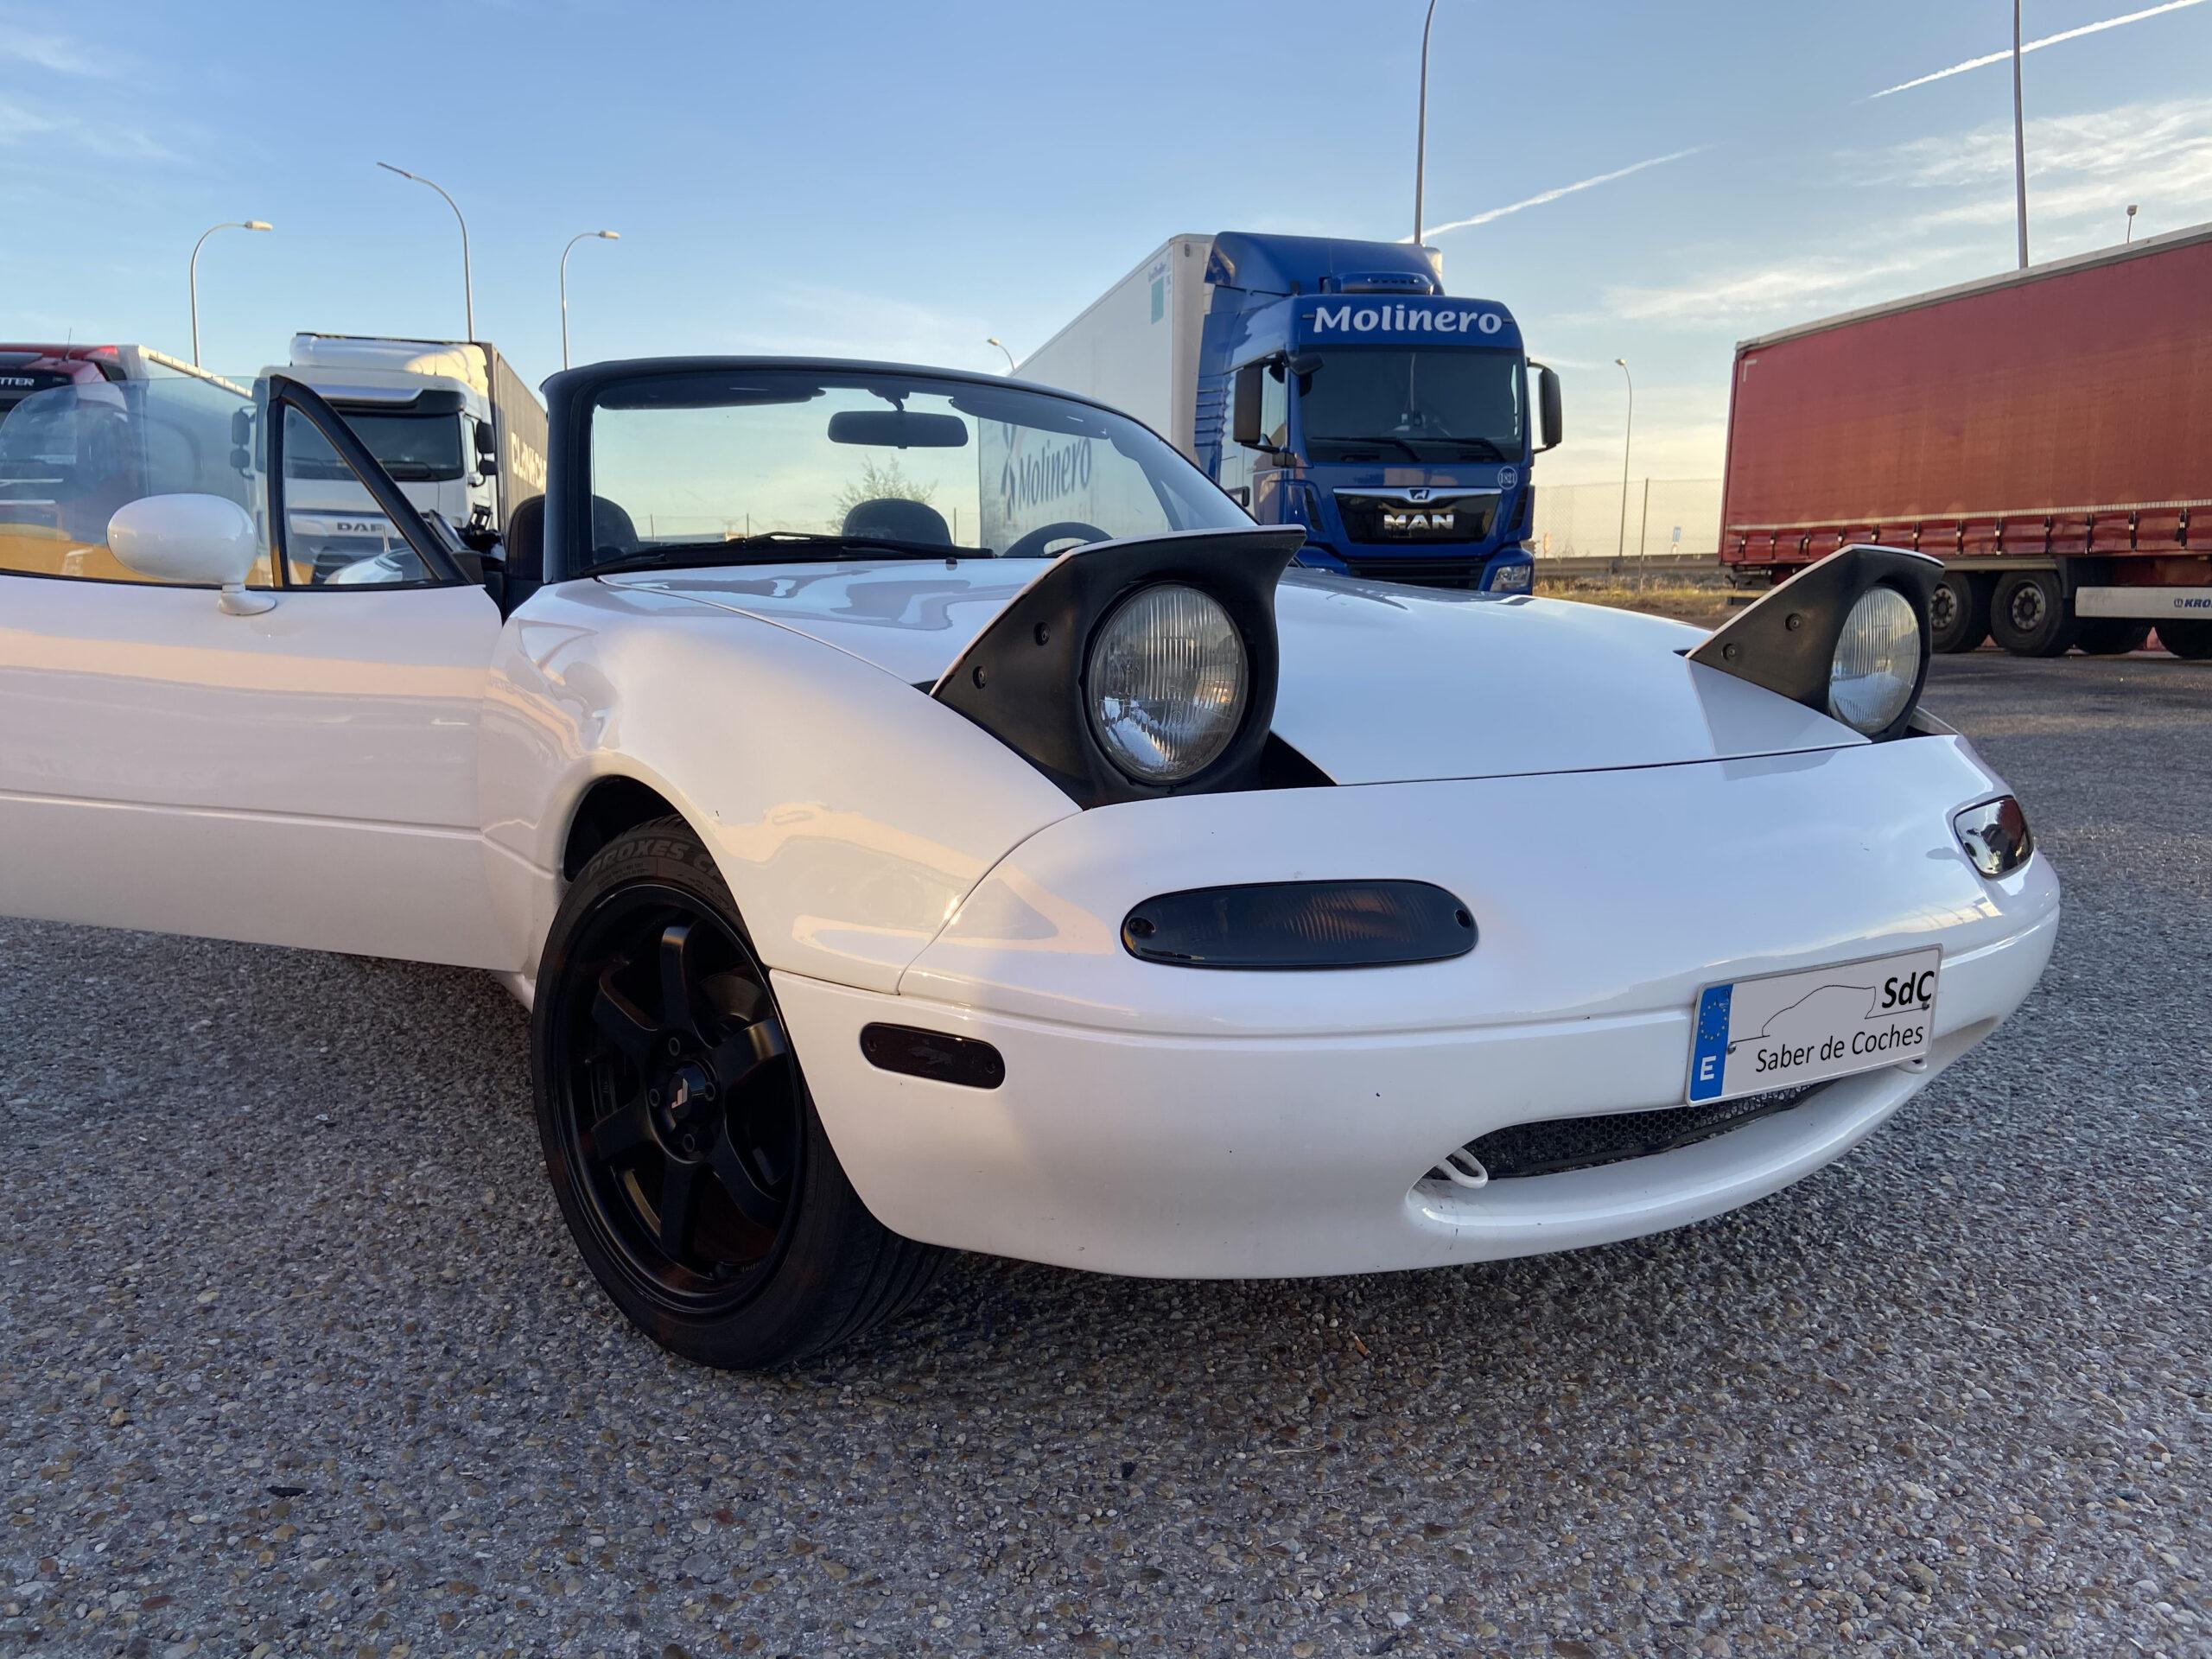 PRUEBA: Mazda MX-5 NA 1.6 (1992)